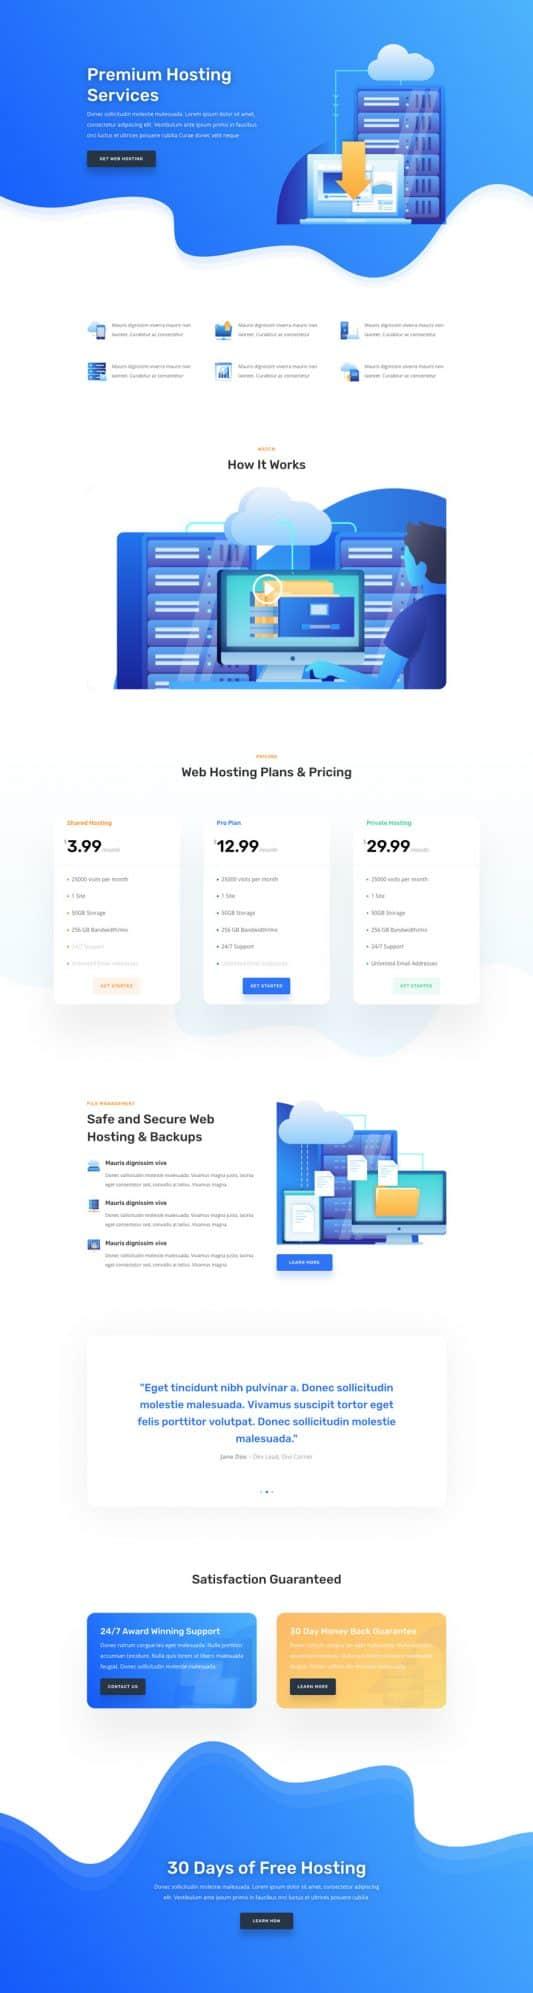 Hosting Company Web Design 4